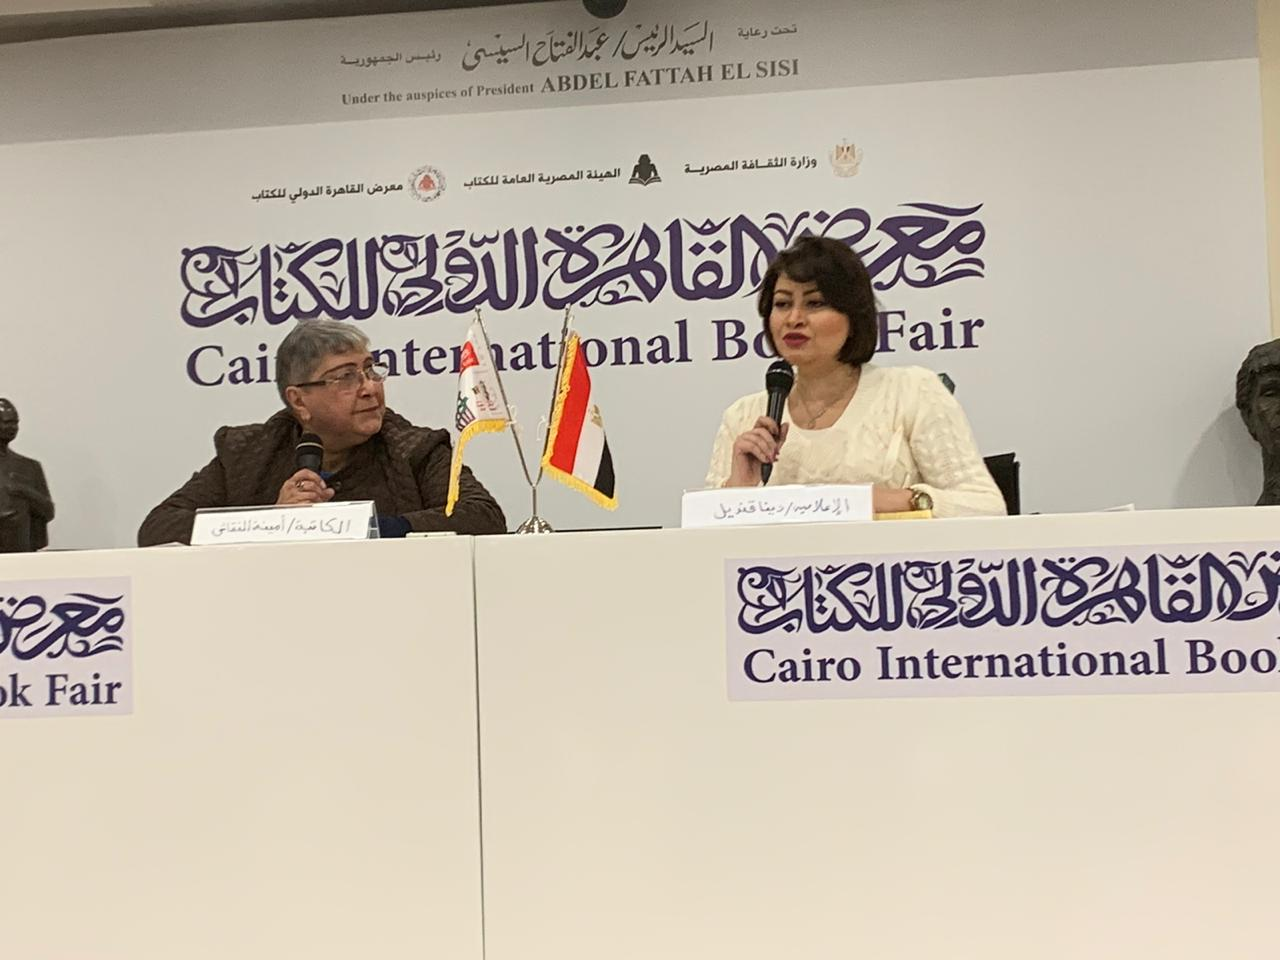 الكاتبة أمينة النقاش والإعلامية دينا قنديل